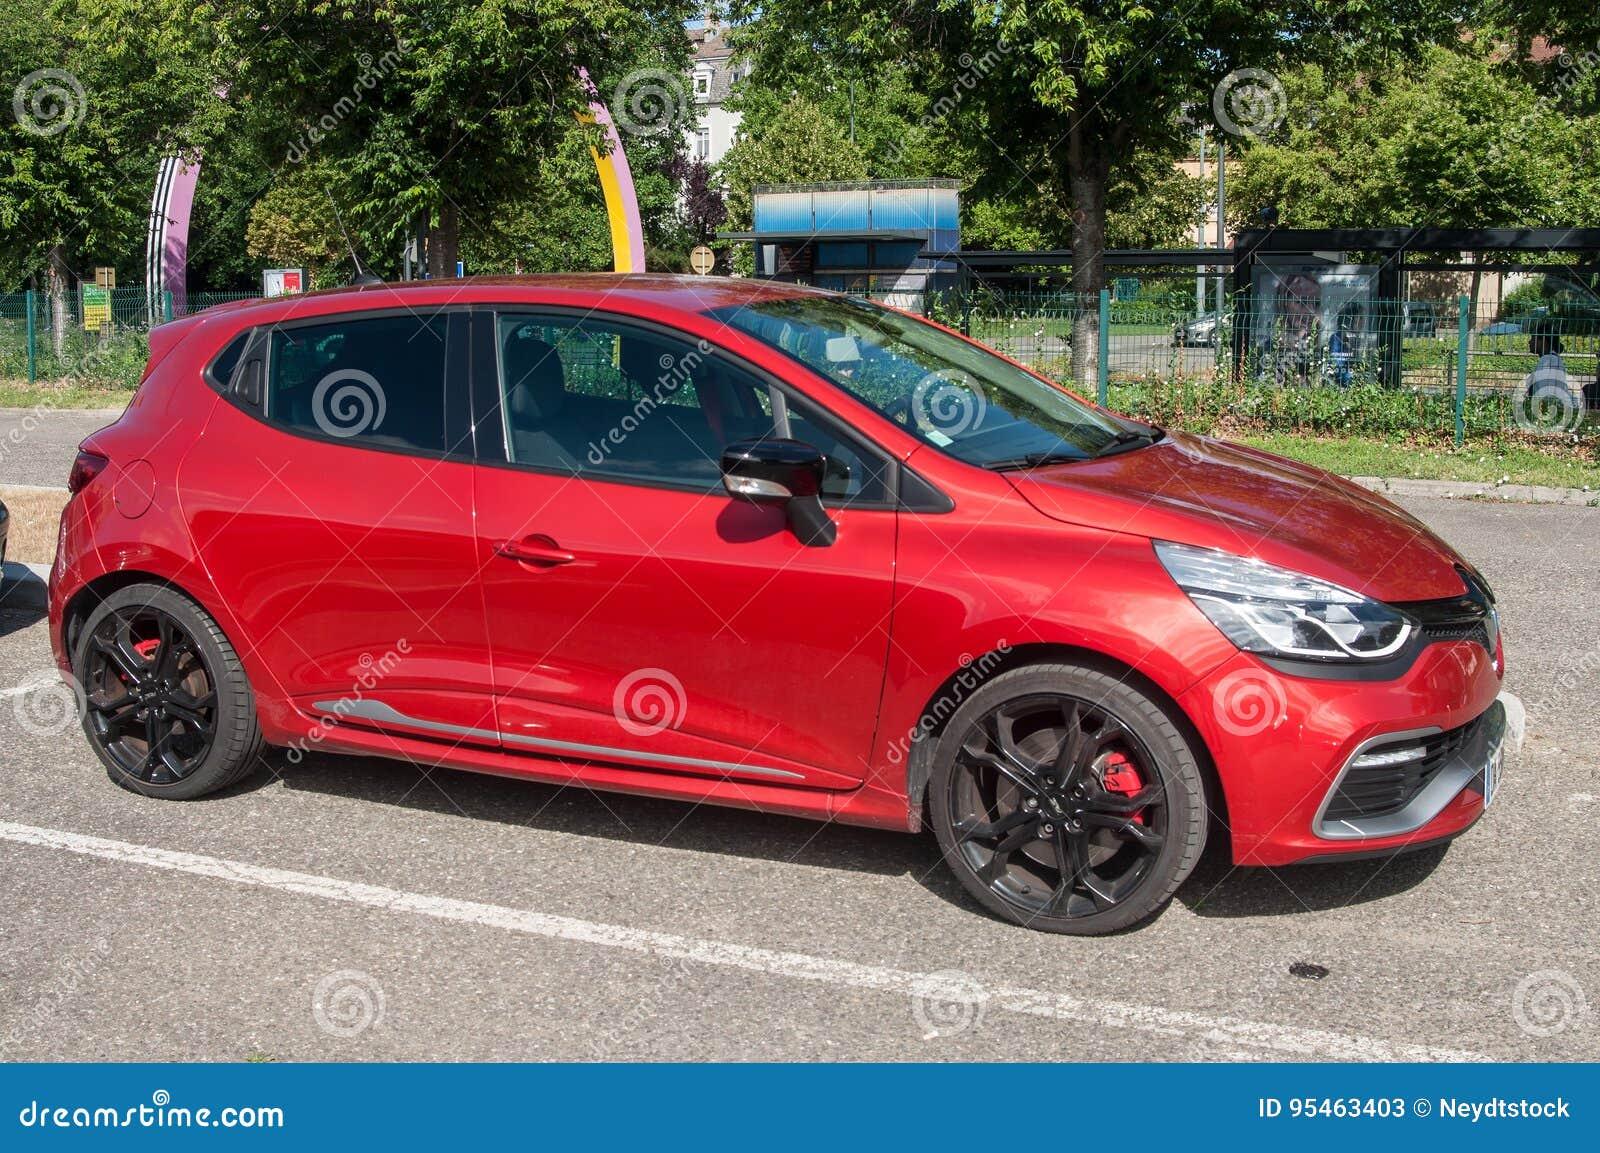 O Esporte Vermelho De Renault Clio Rs Estacionou Na Rua Foto De Stock Editorial Imagem De Clio Renault 95463403